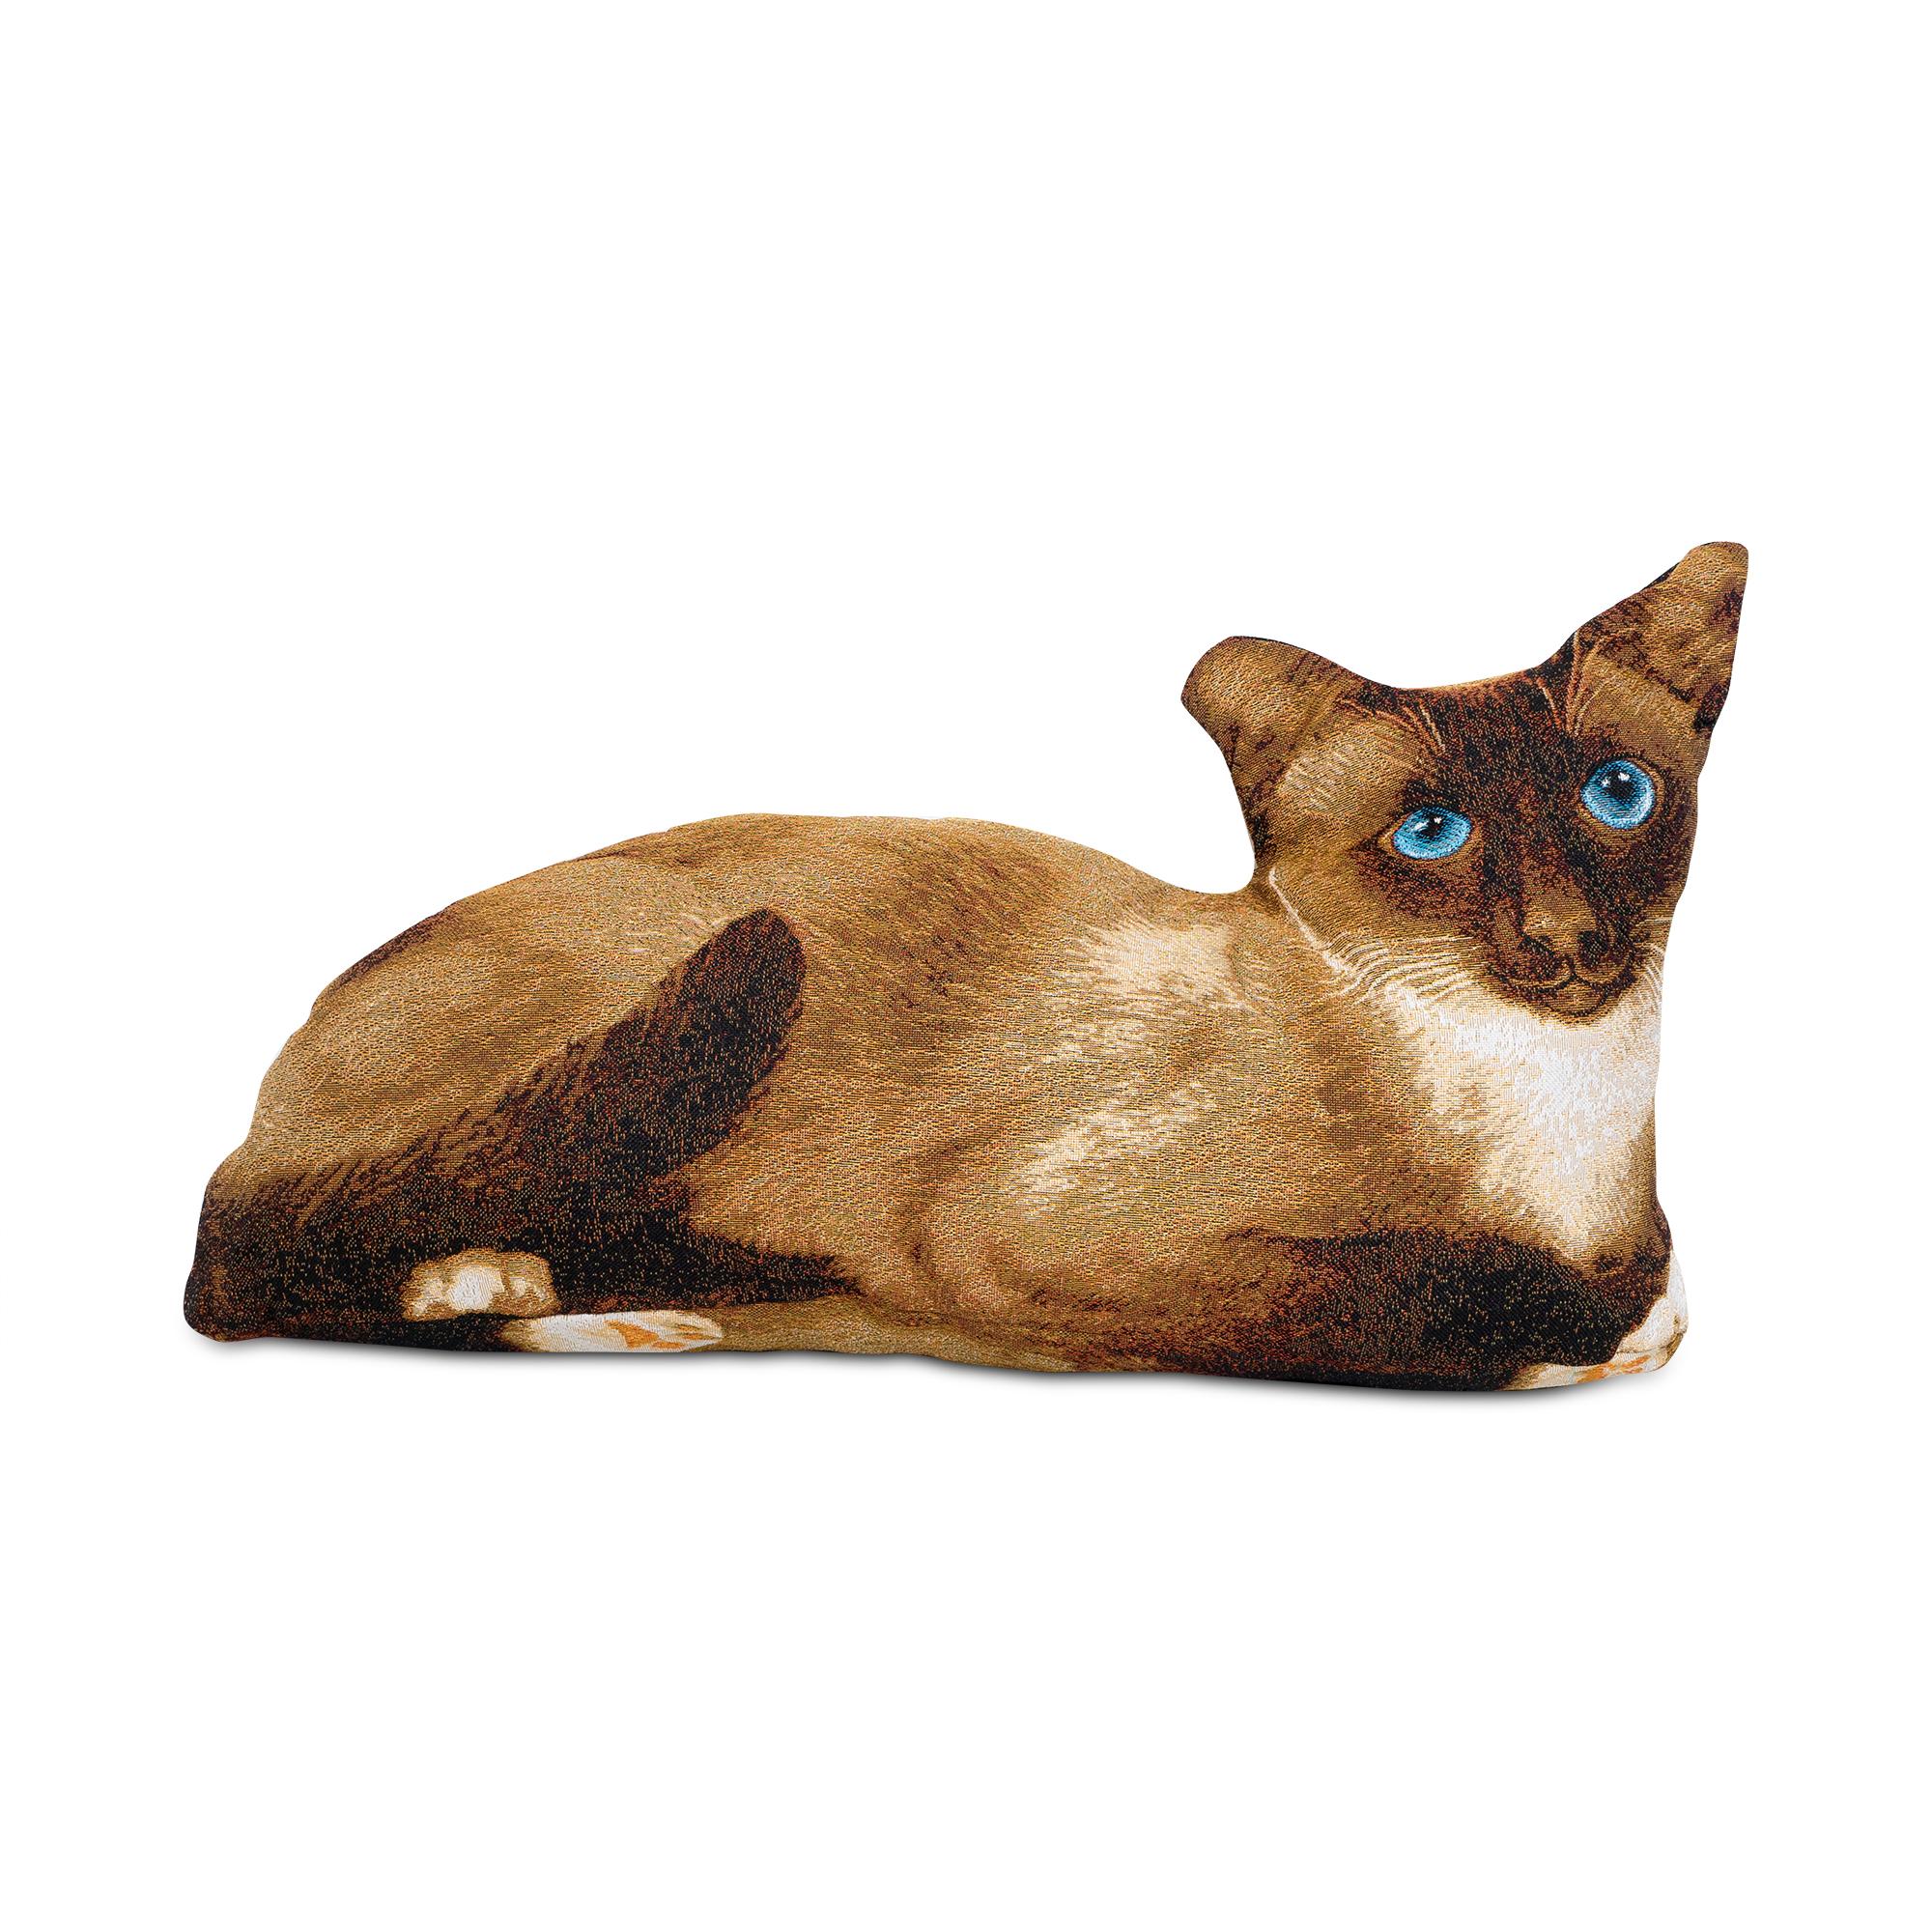 Подушка-игрушка Магазин гобеленов матильда 70*35 см2964Гобеленовая подушка игрушка кошка матильда. Идеальный подарок для любителей котов,кошечек,котиков.